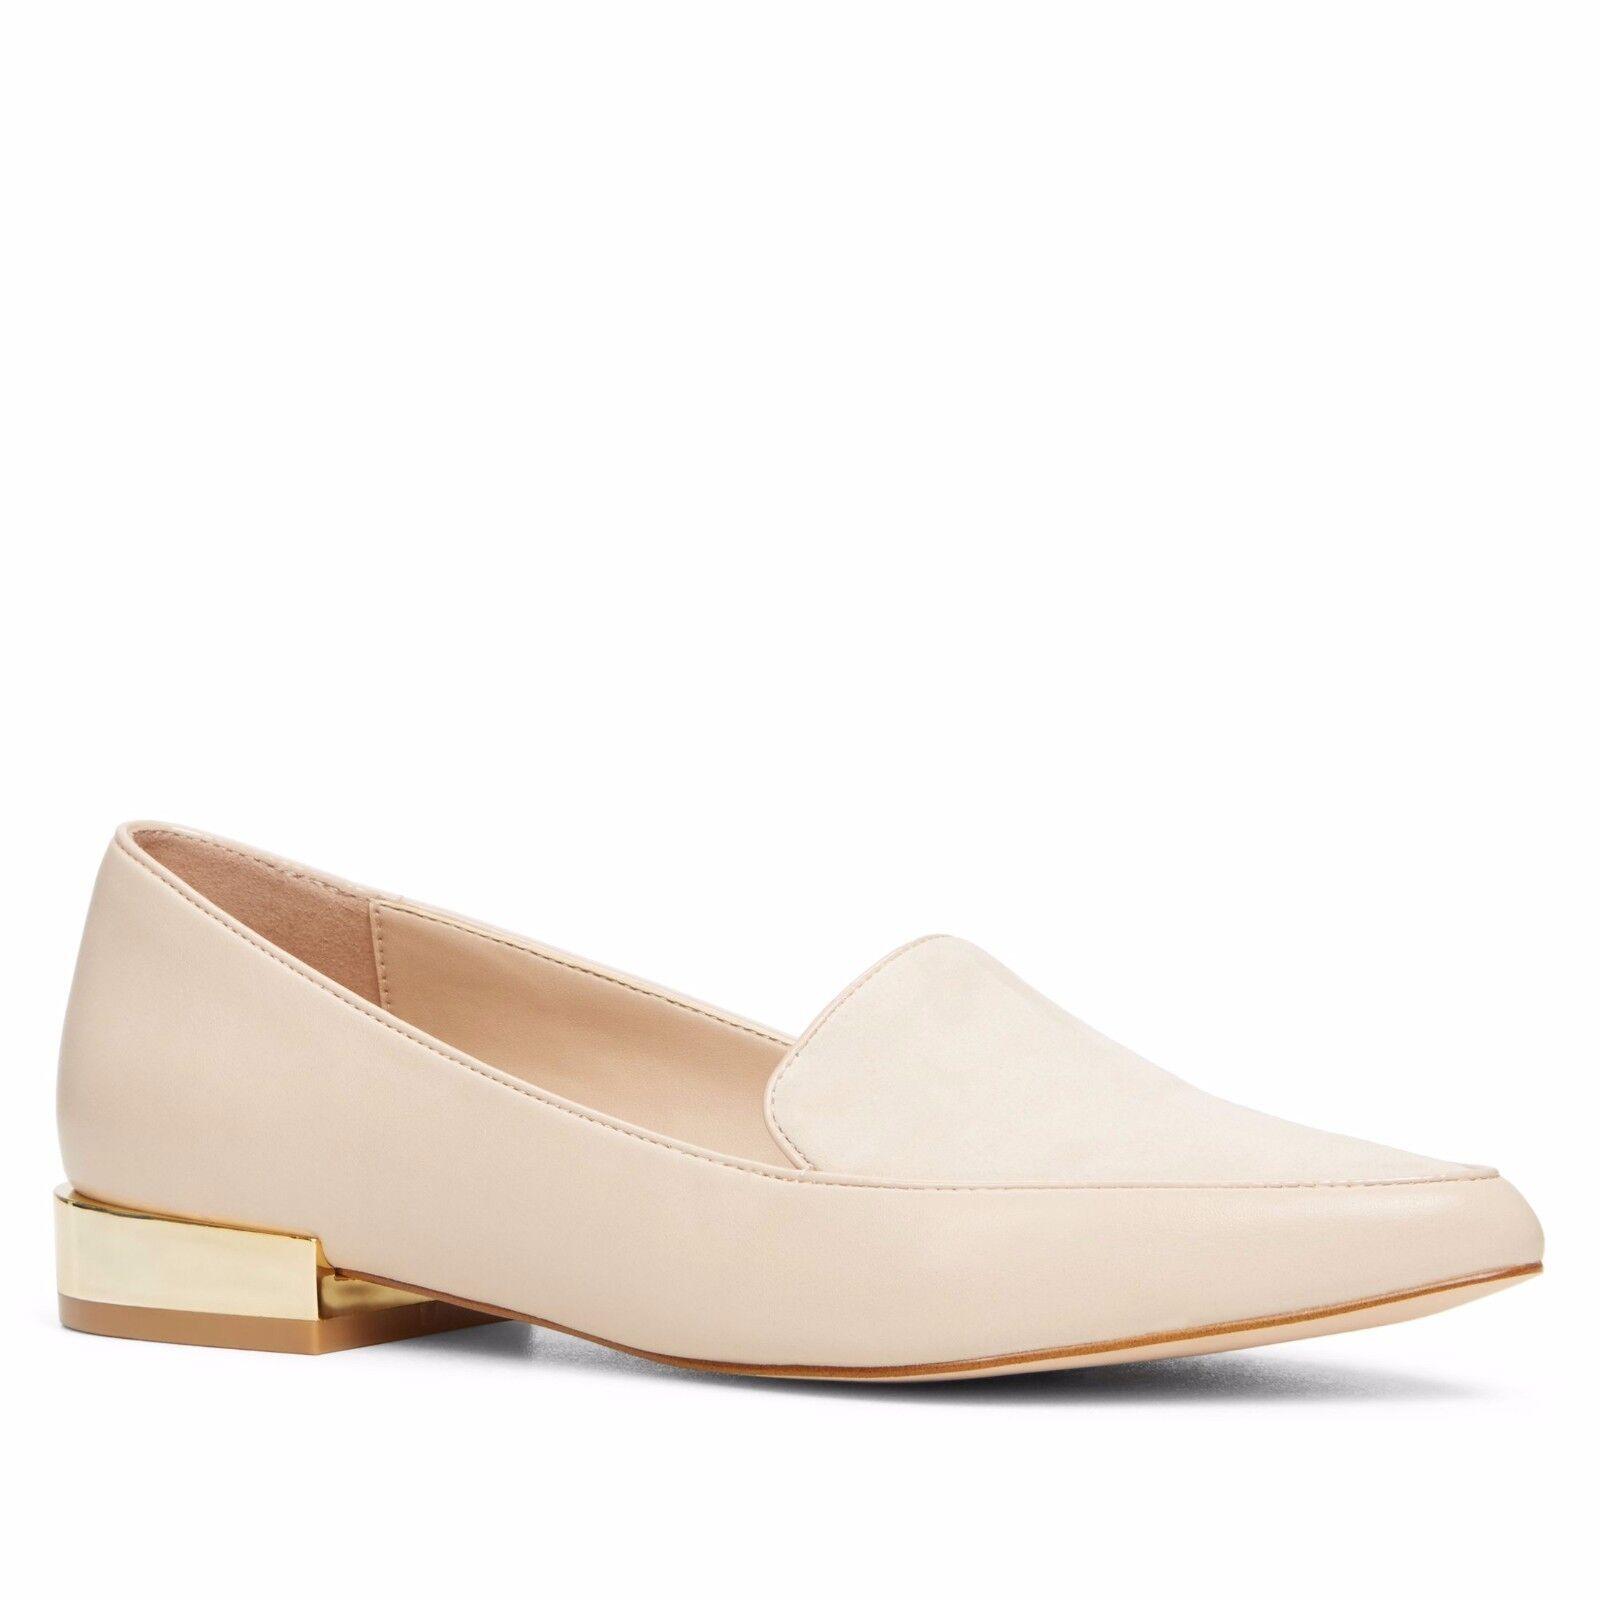 Aldo Abbatha Low Block Heel Court chaussures Beige Nude UK 6 EU 39 LN12 64 SALEs